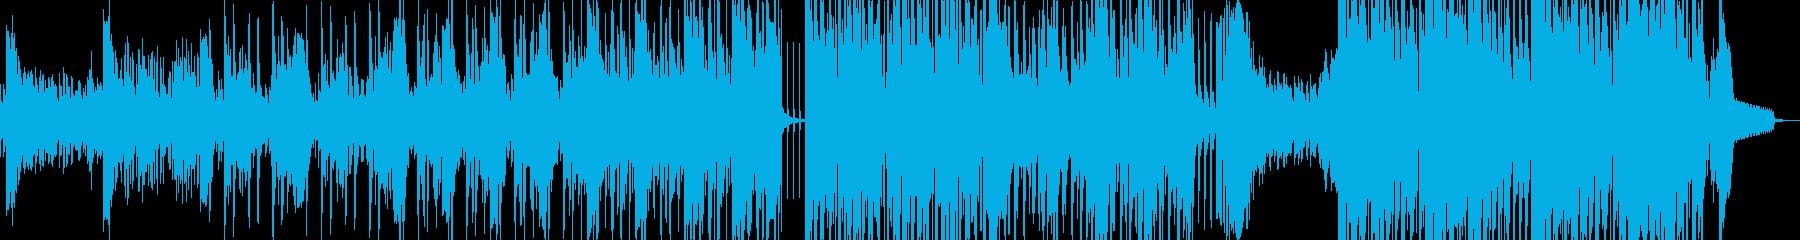 スリラー・民族調ダークヒップホップ 短尺の再生済みの波形